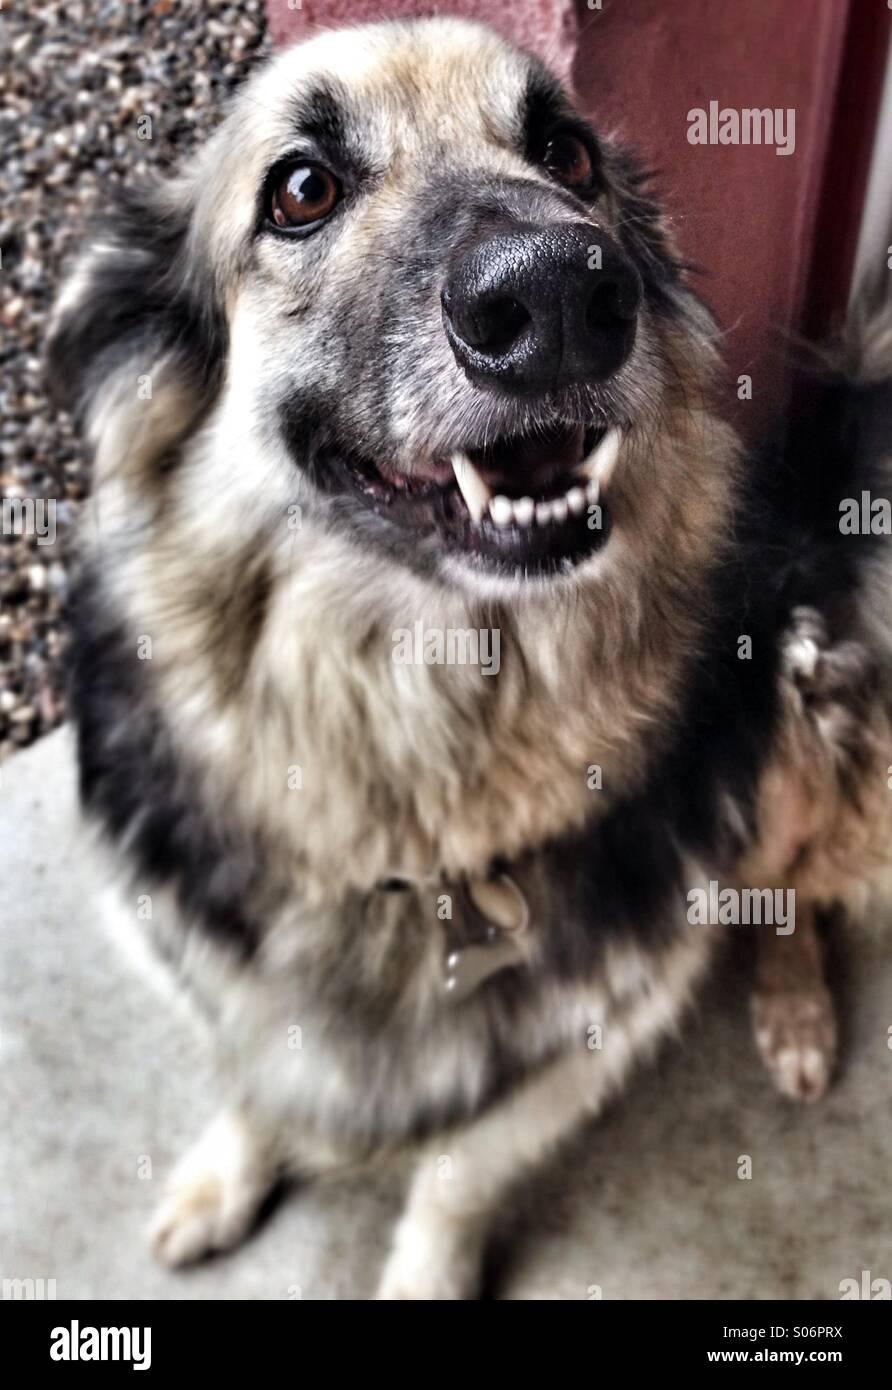 Smiling husky dog with sharp teeth - Stock Image